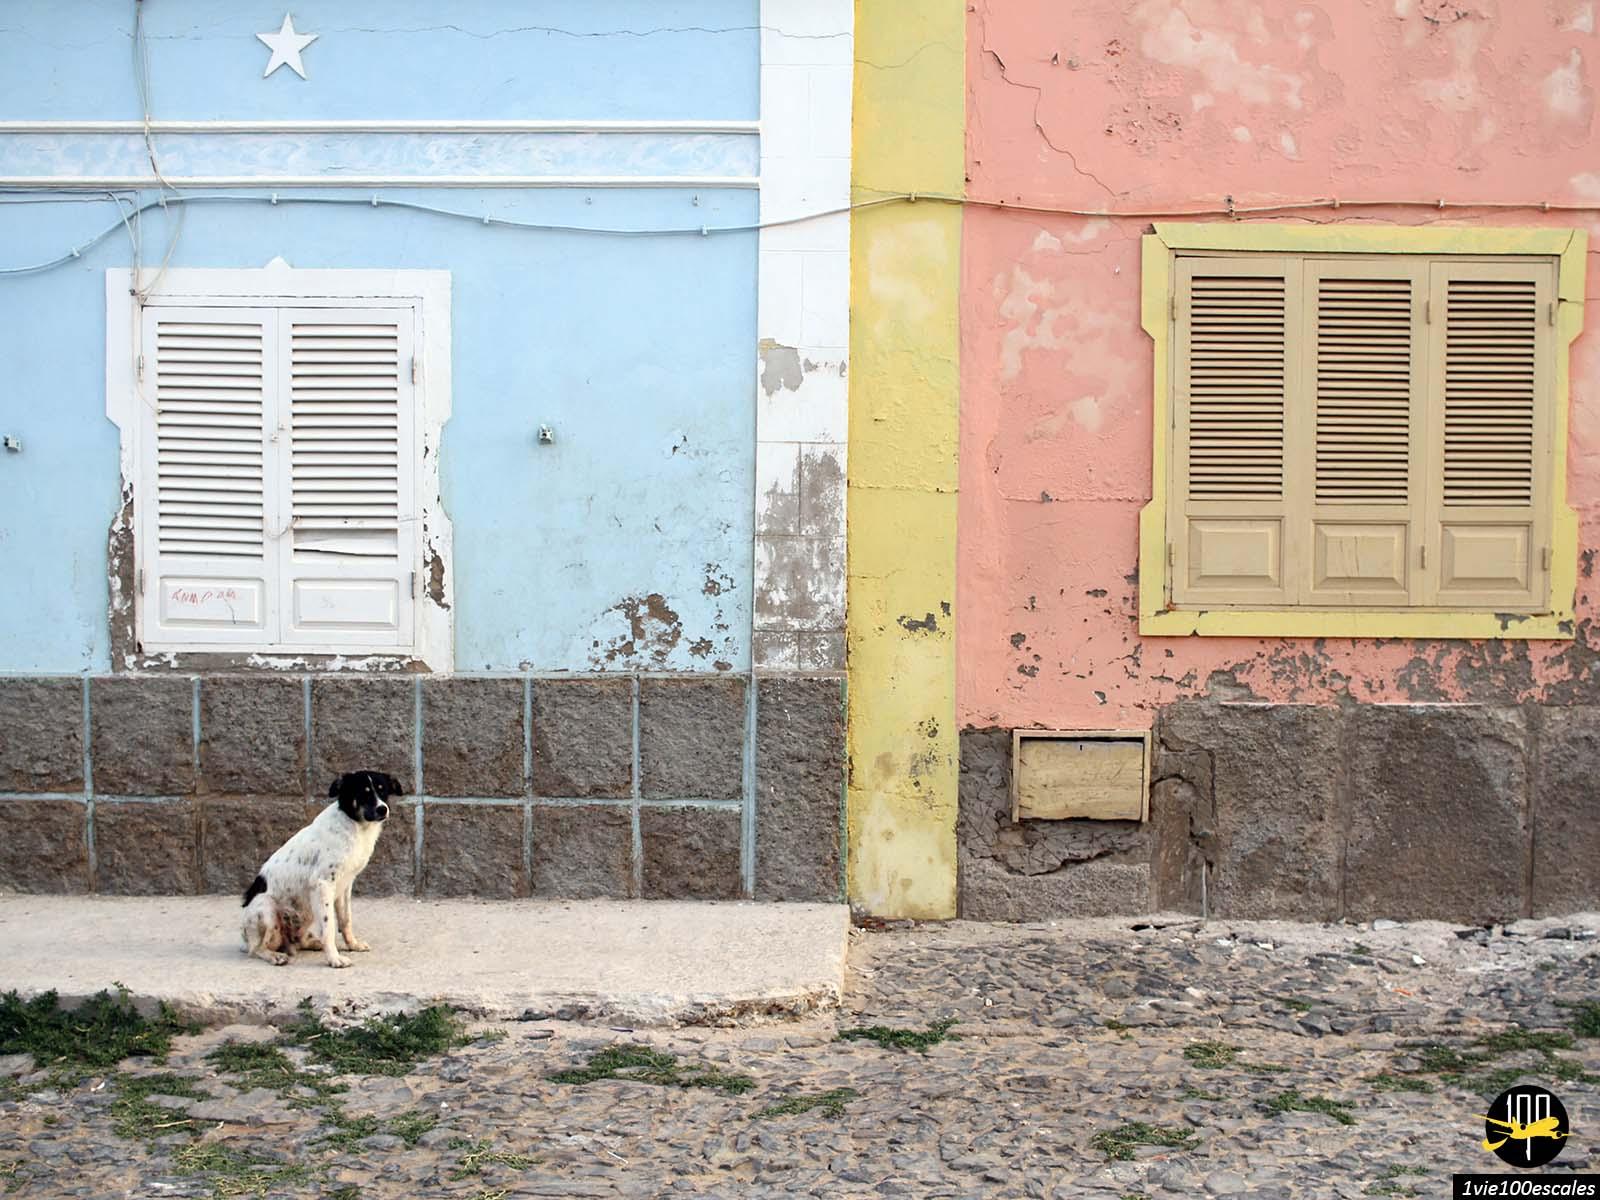 Un chien devant des maisons colorées à Sal Rei sur l'île de Boa Vista